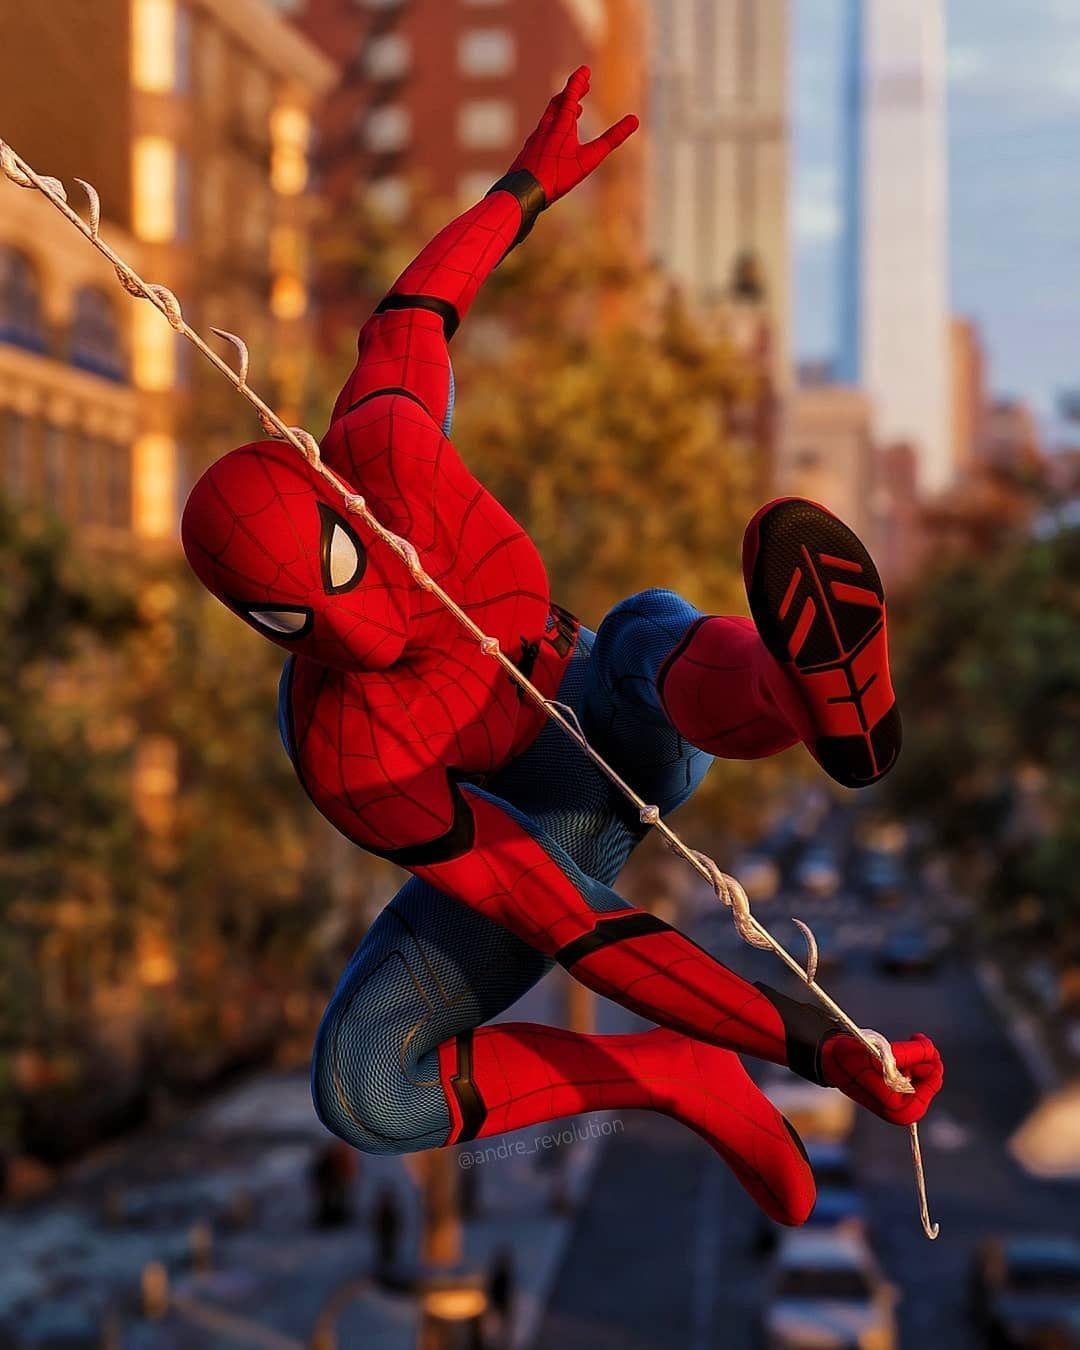 Spiderman Hombre Arana Comic Fotos De Spiderman Fotos De Marvel